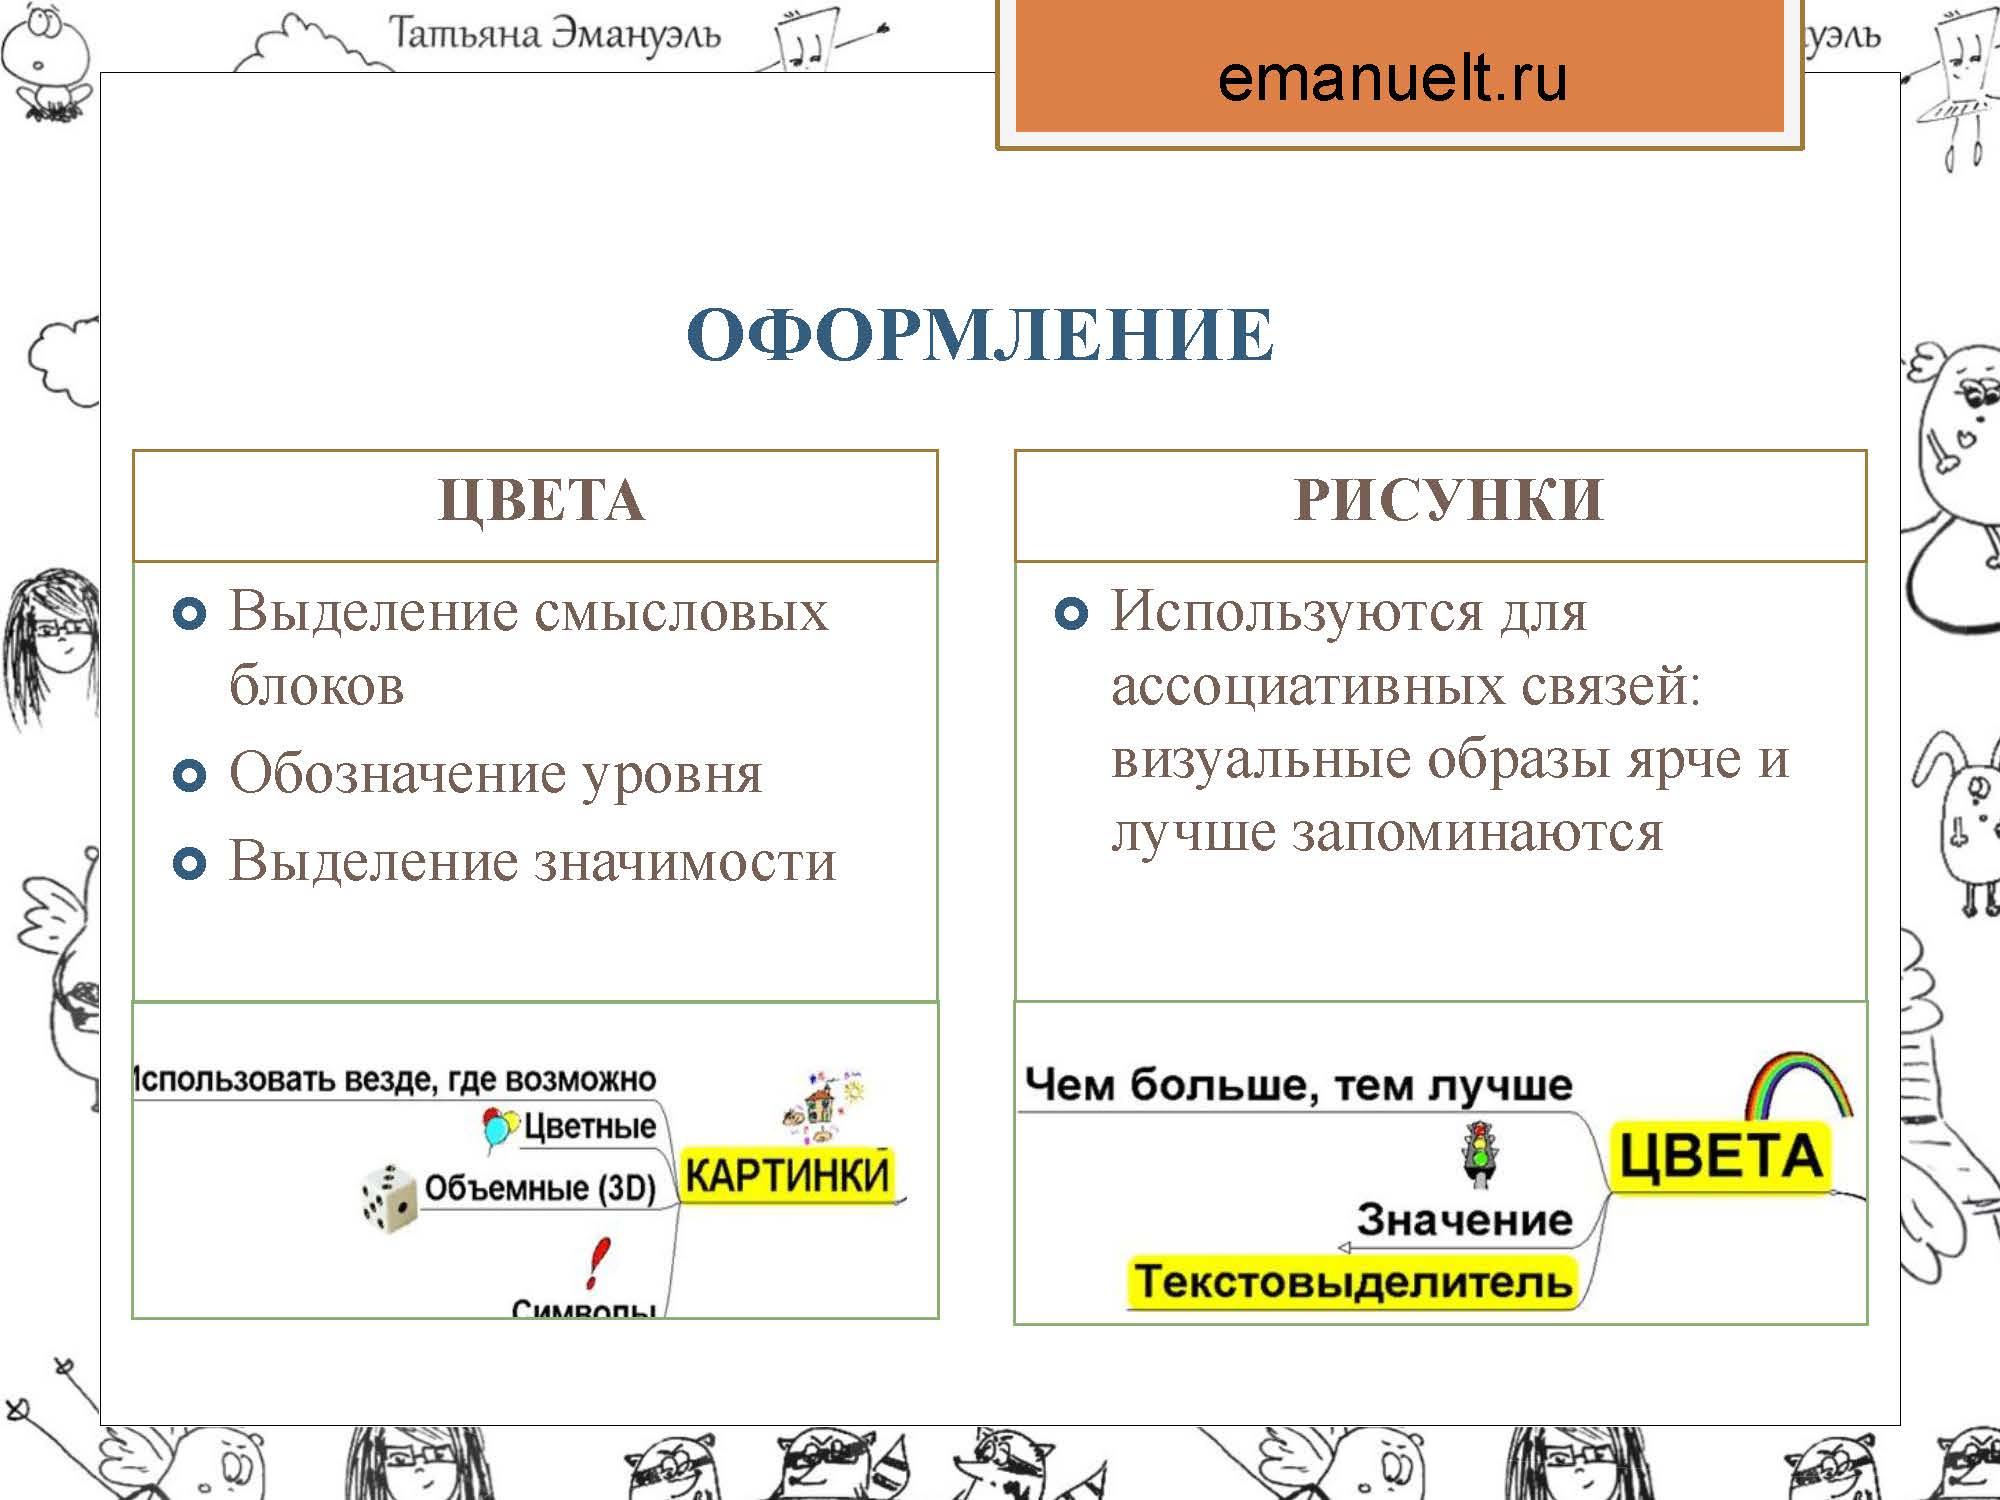 инфо_Страница_039